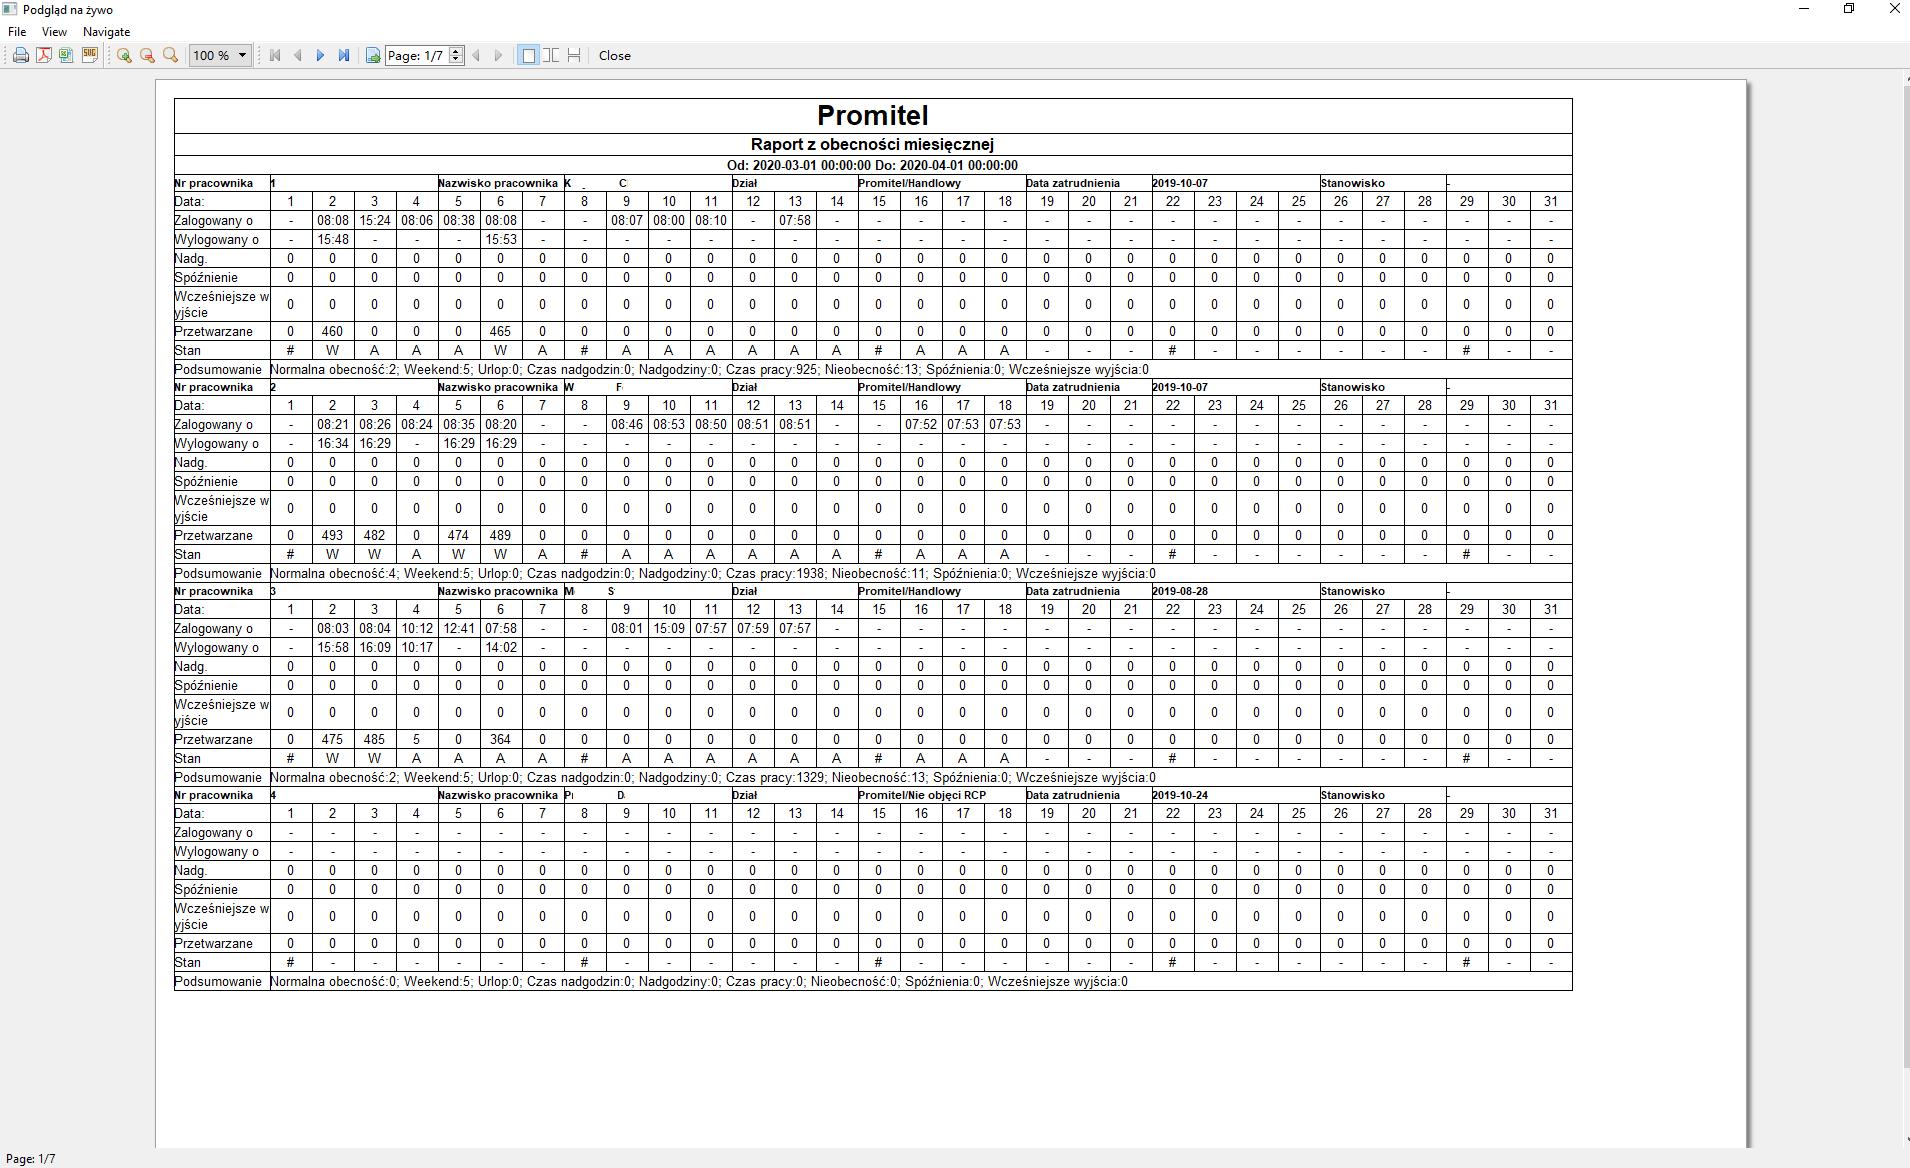 Raport z obecności miesięcznej iVMS-4200 RCP